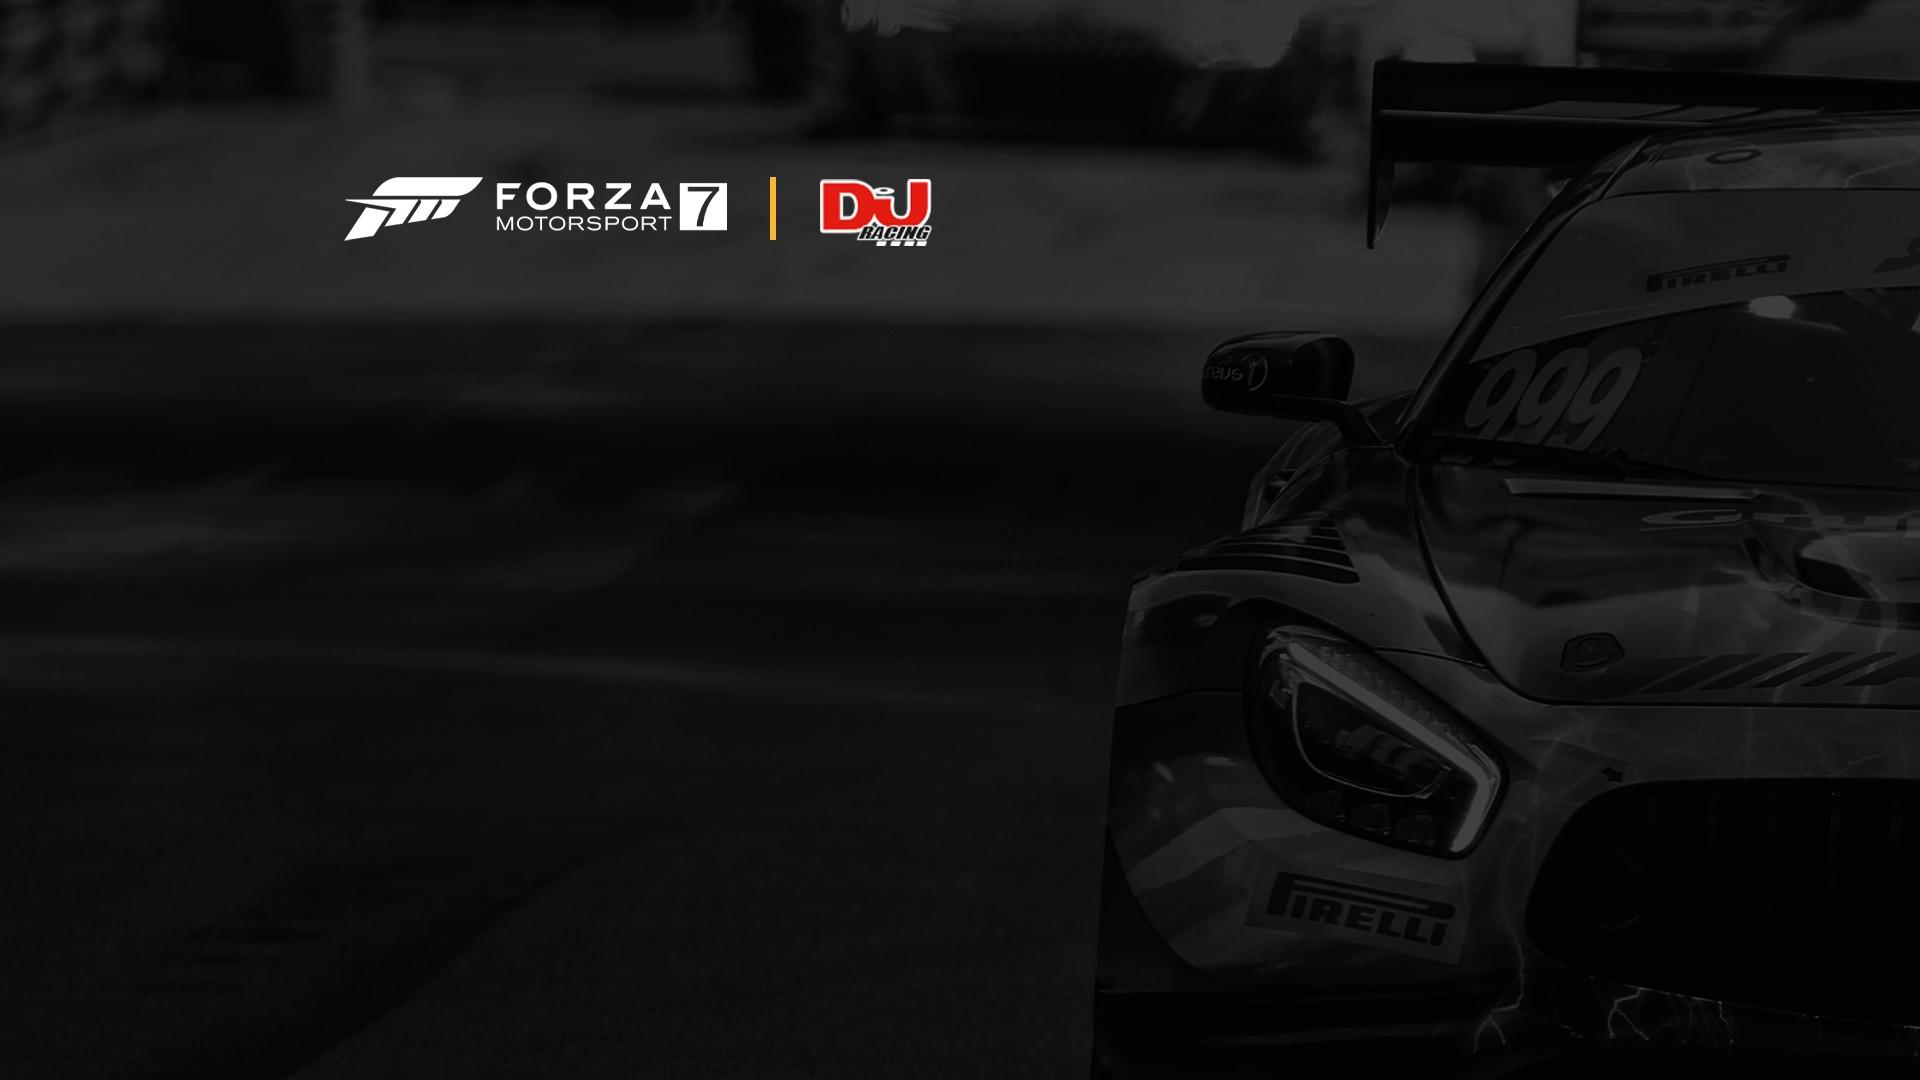 DJ Mag y el videojuego Forza Motorsport 7 te permiten competir contra tu DJ favorito